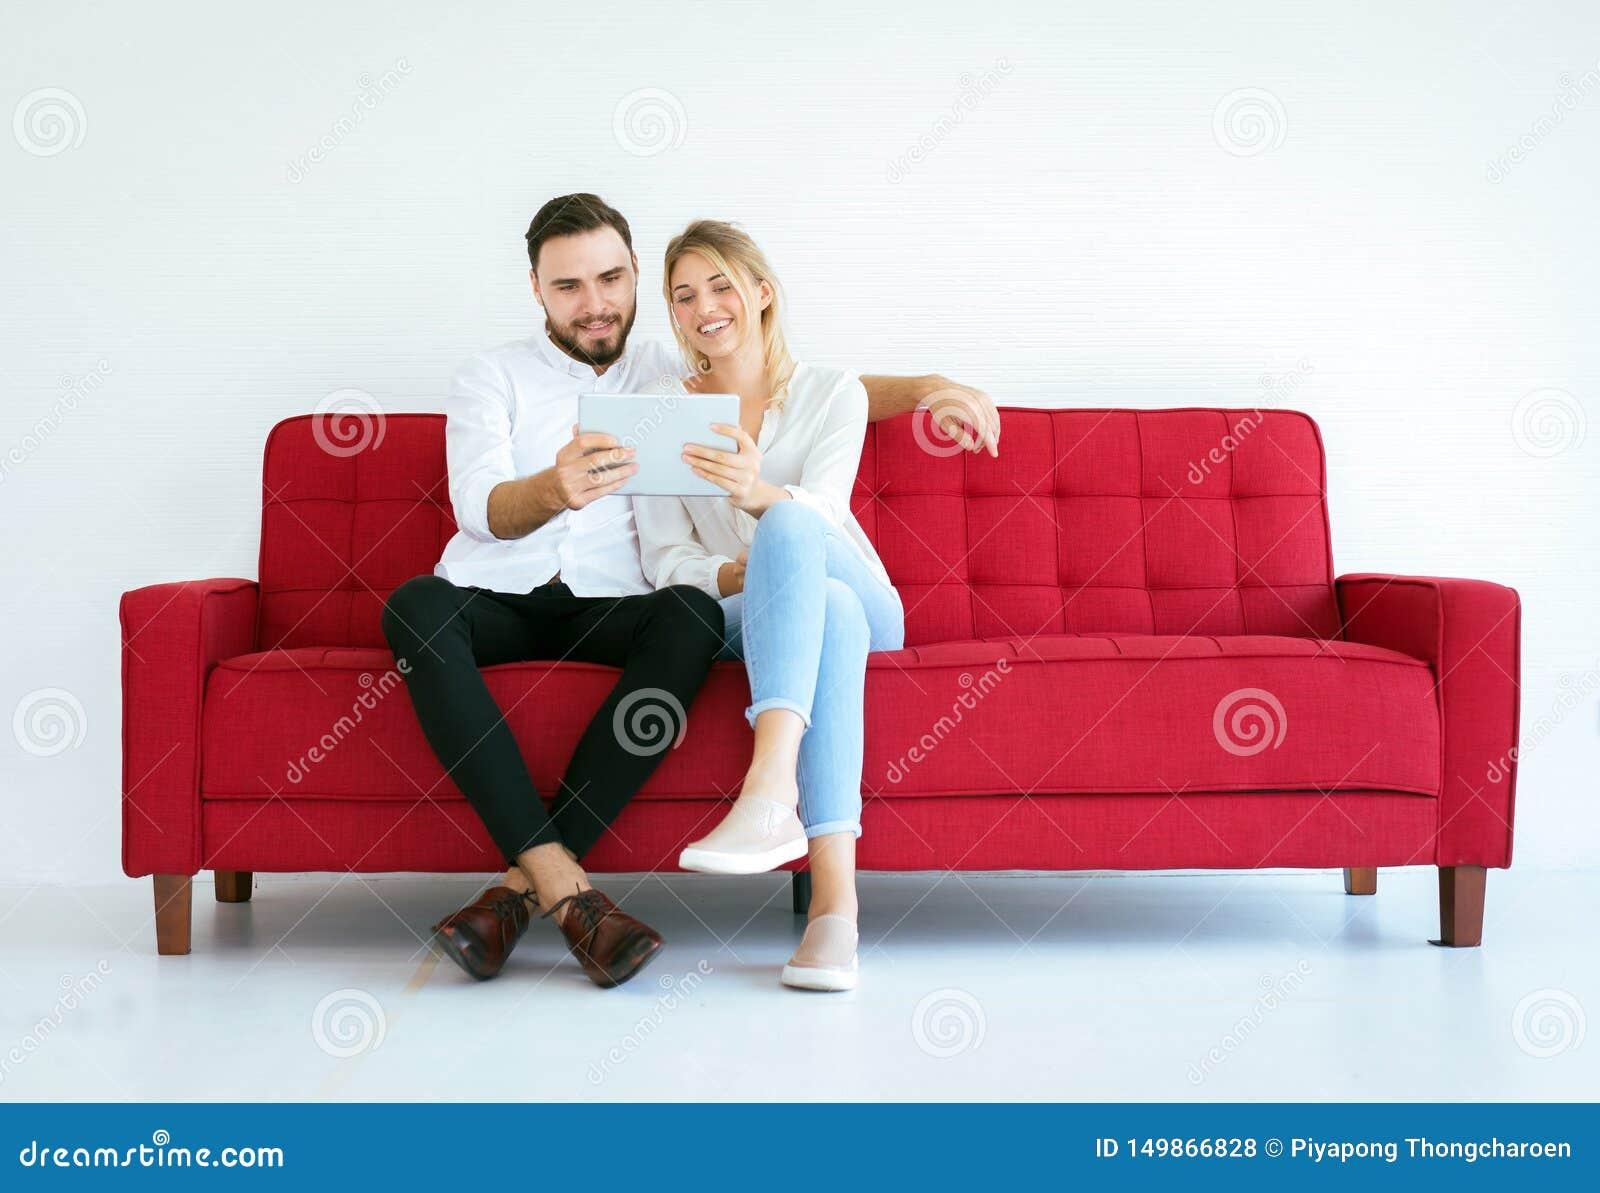 Χαλάρωση ζεύγους σε έναν καναπέ και να φανεί κινηματογράφος on-line με την ταμπλέτα στο σπίτι μαζί, ευτυχής και χαμόγελο, έννοια